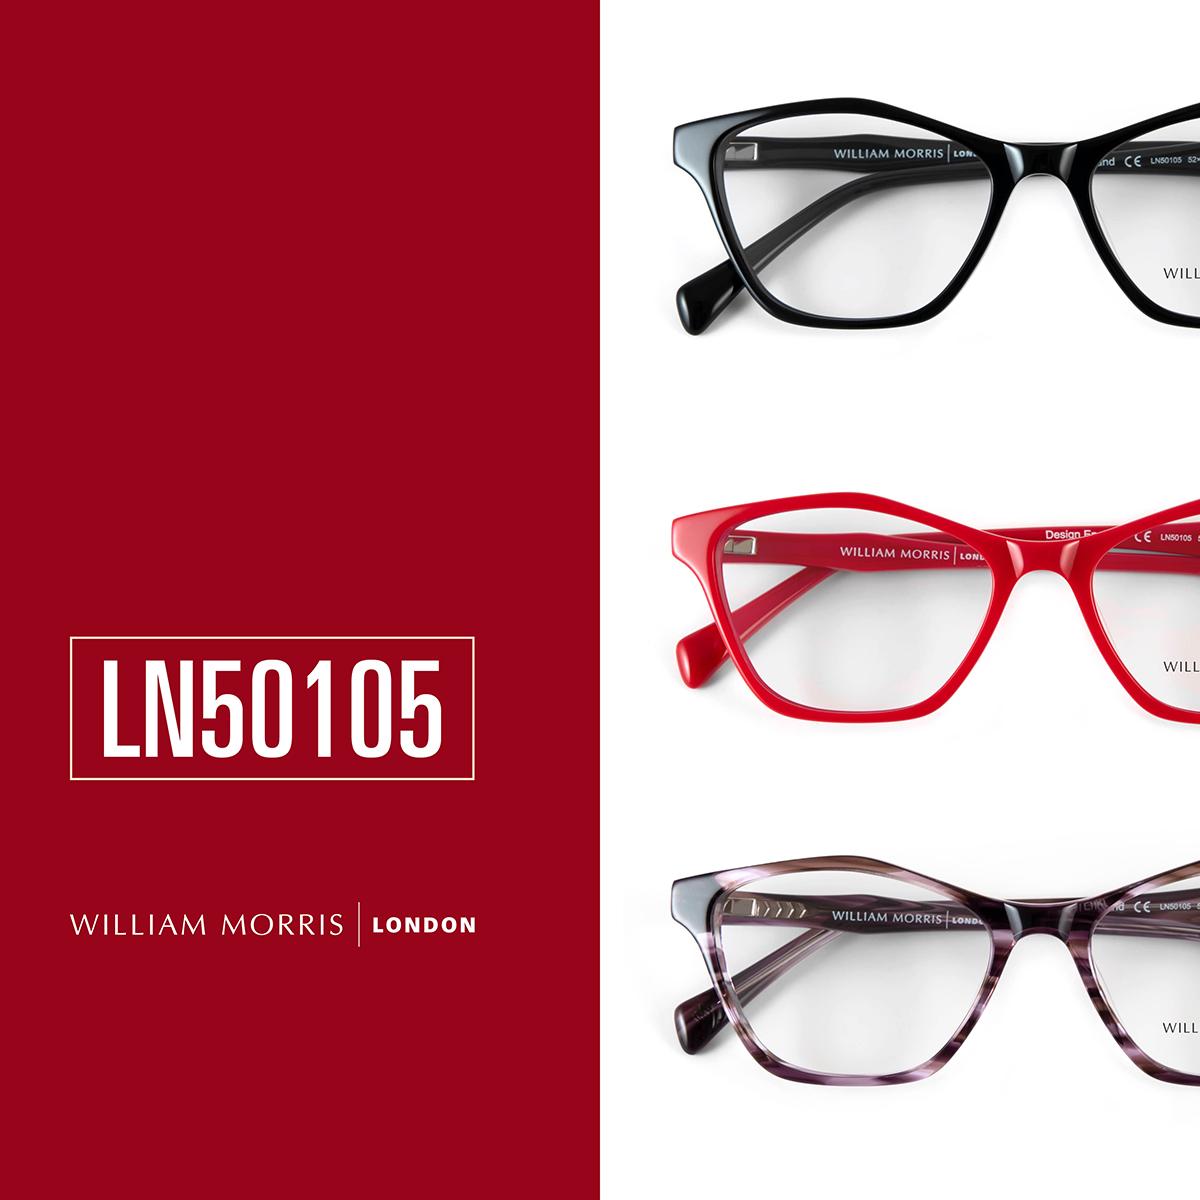 William Morris - LN50105